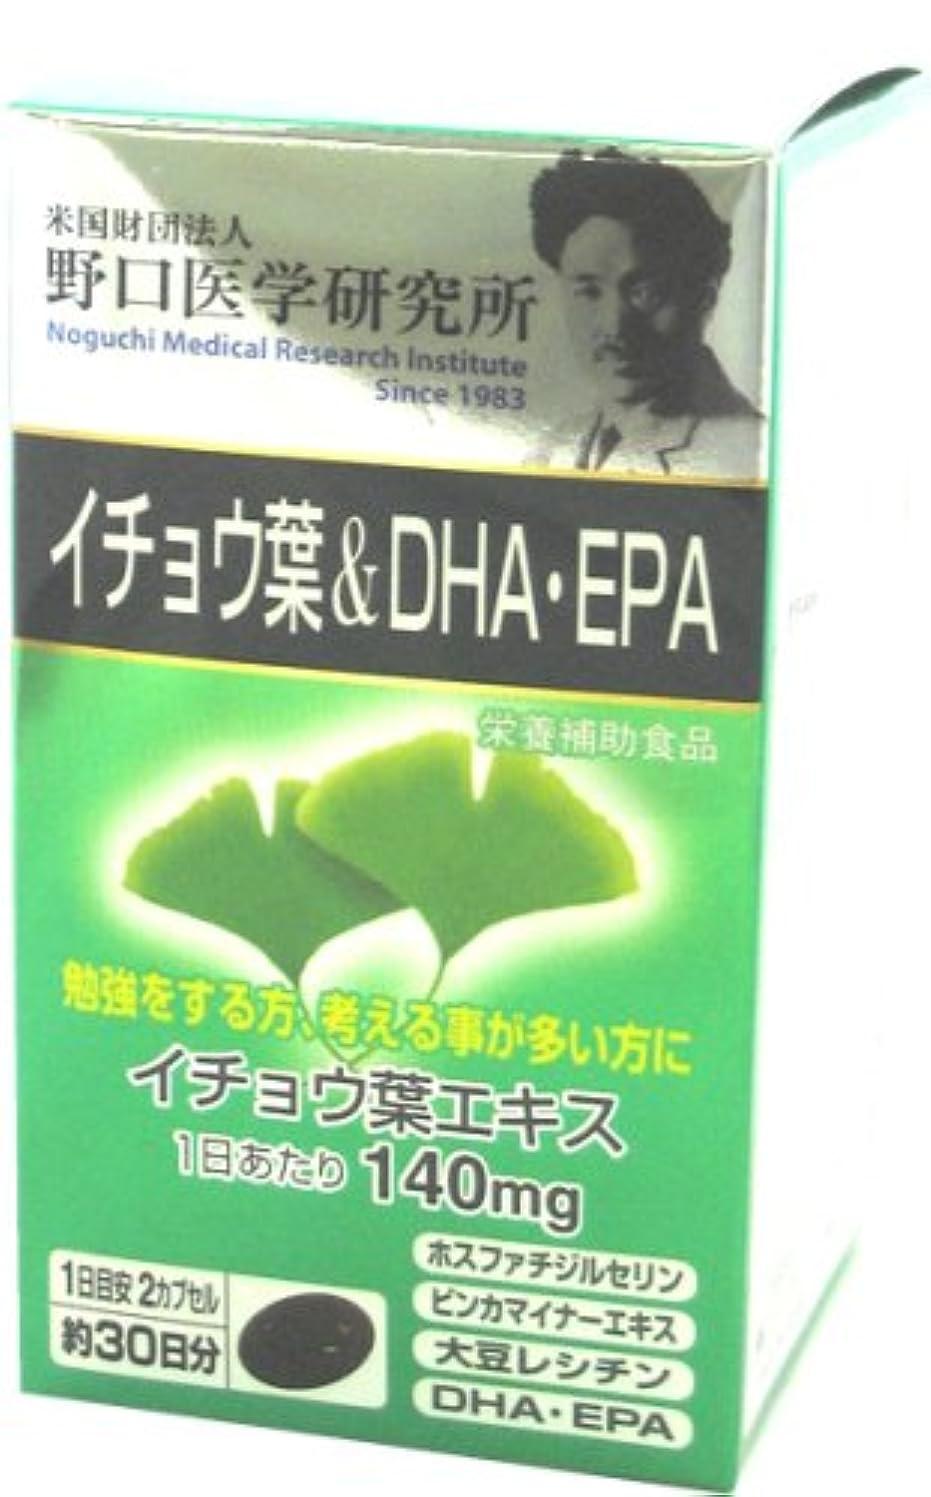 安全窒息させるアーネストシャクルトン明治薬品 イチョウ葉&DHA?EPA 470mg×60カプセル